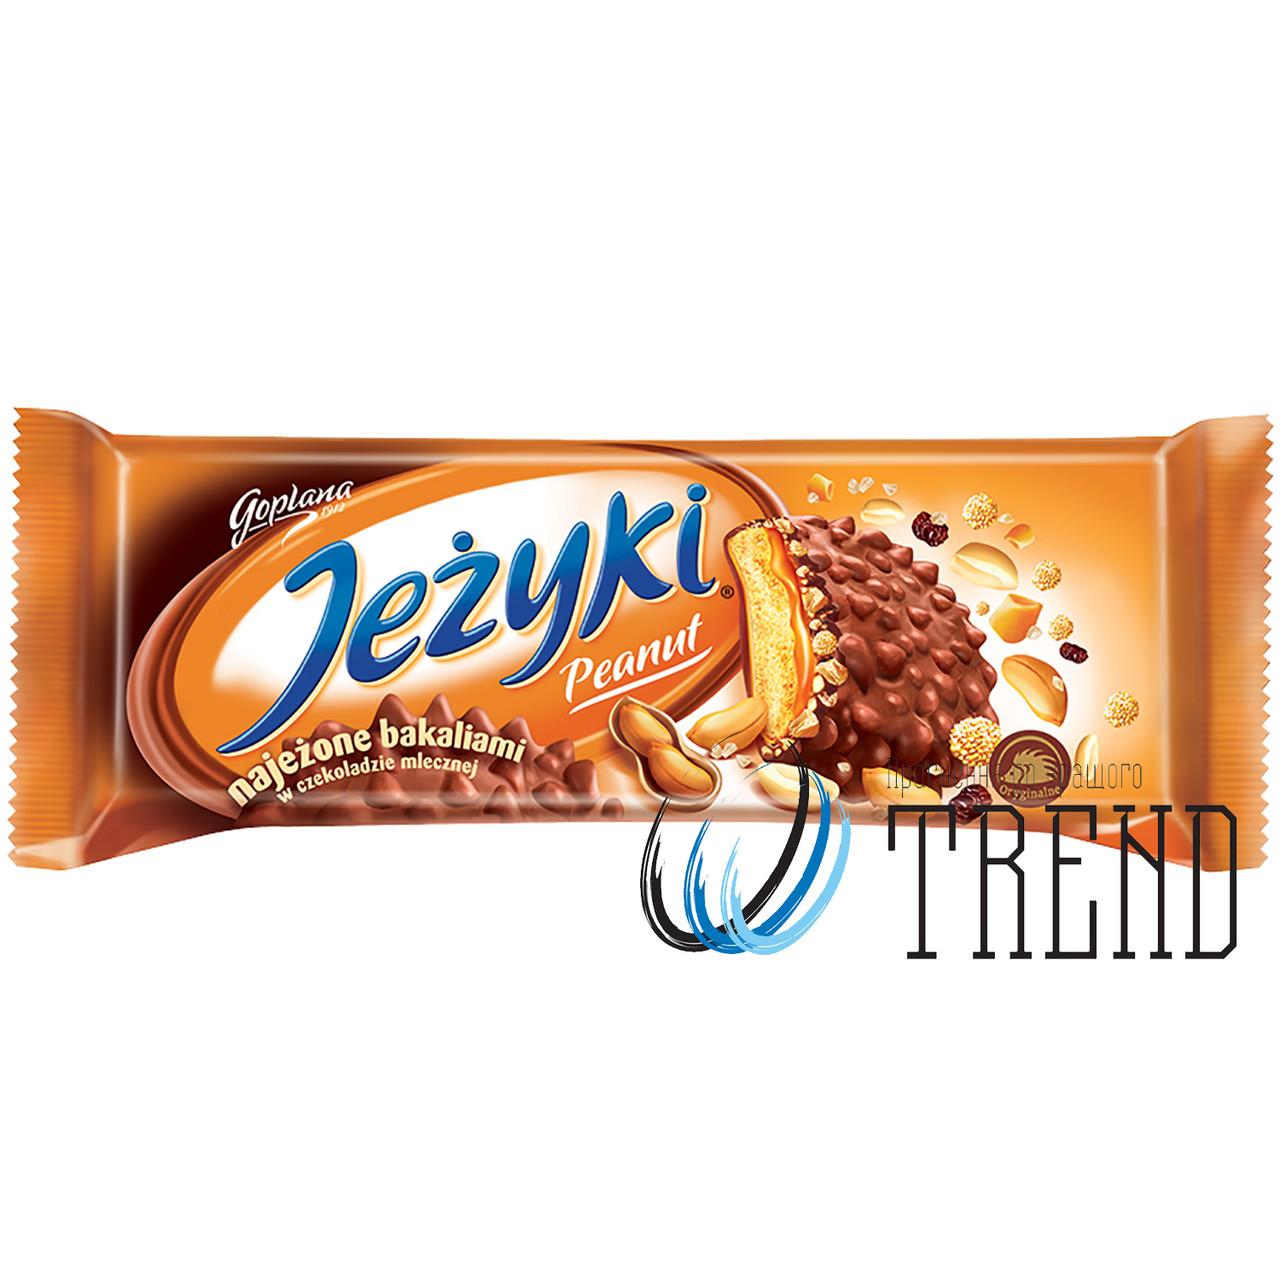 Jezyki Peanut печиво (арахіс в молочному шоколаді) 140 гр.